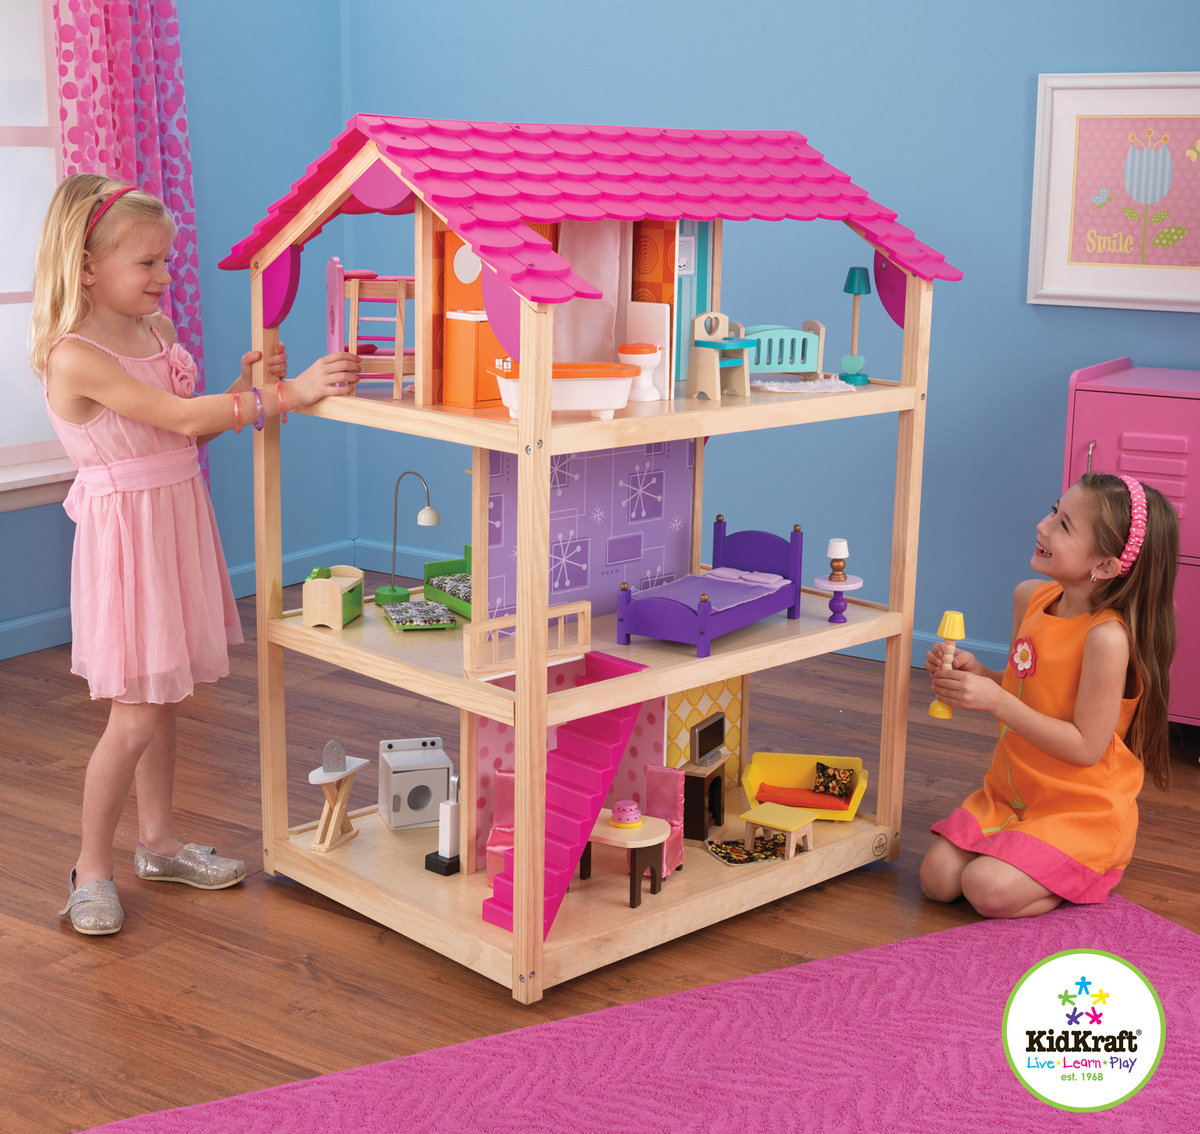 62 Kidkraft Dollhouse Furniture Set Savannah Dol